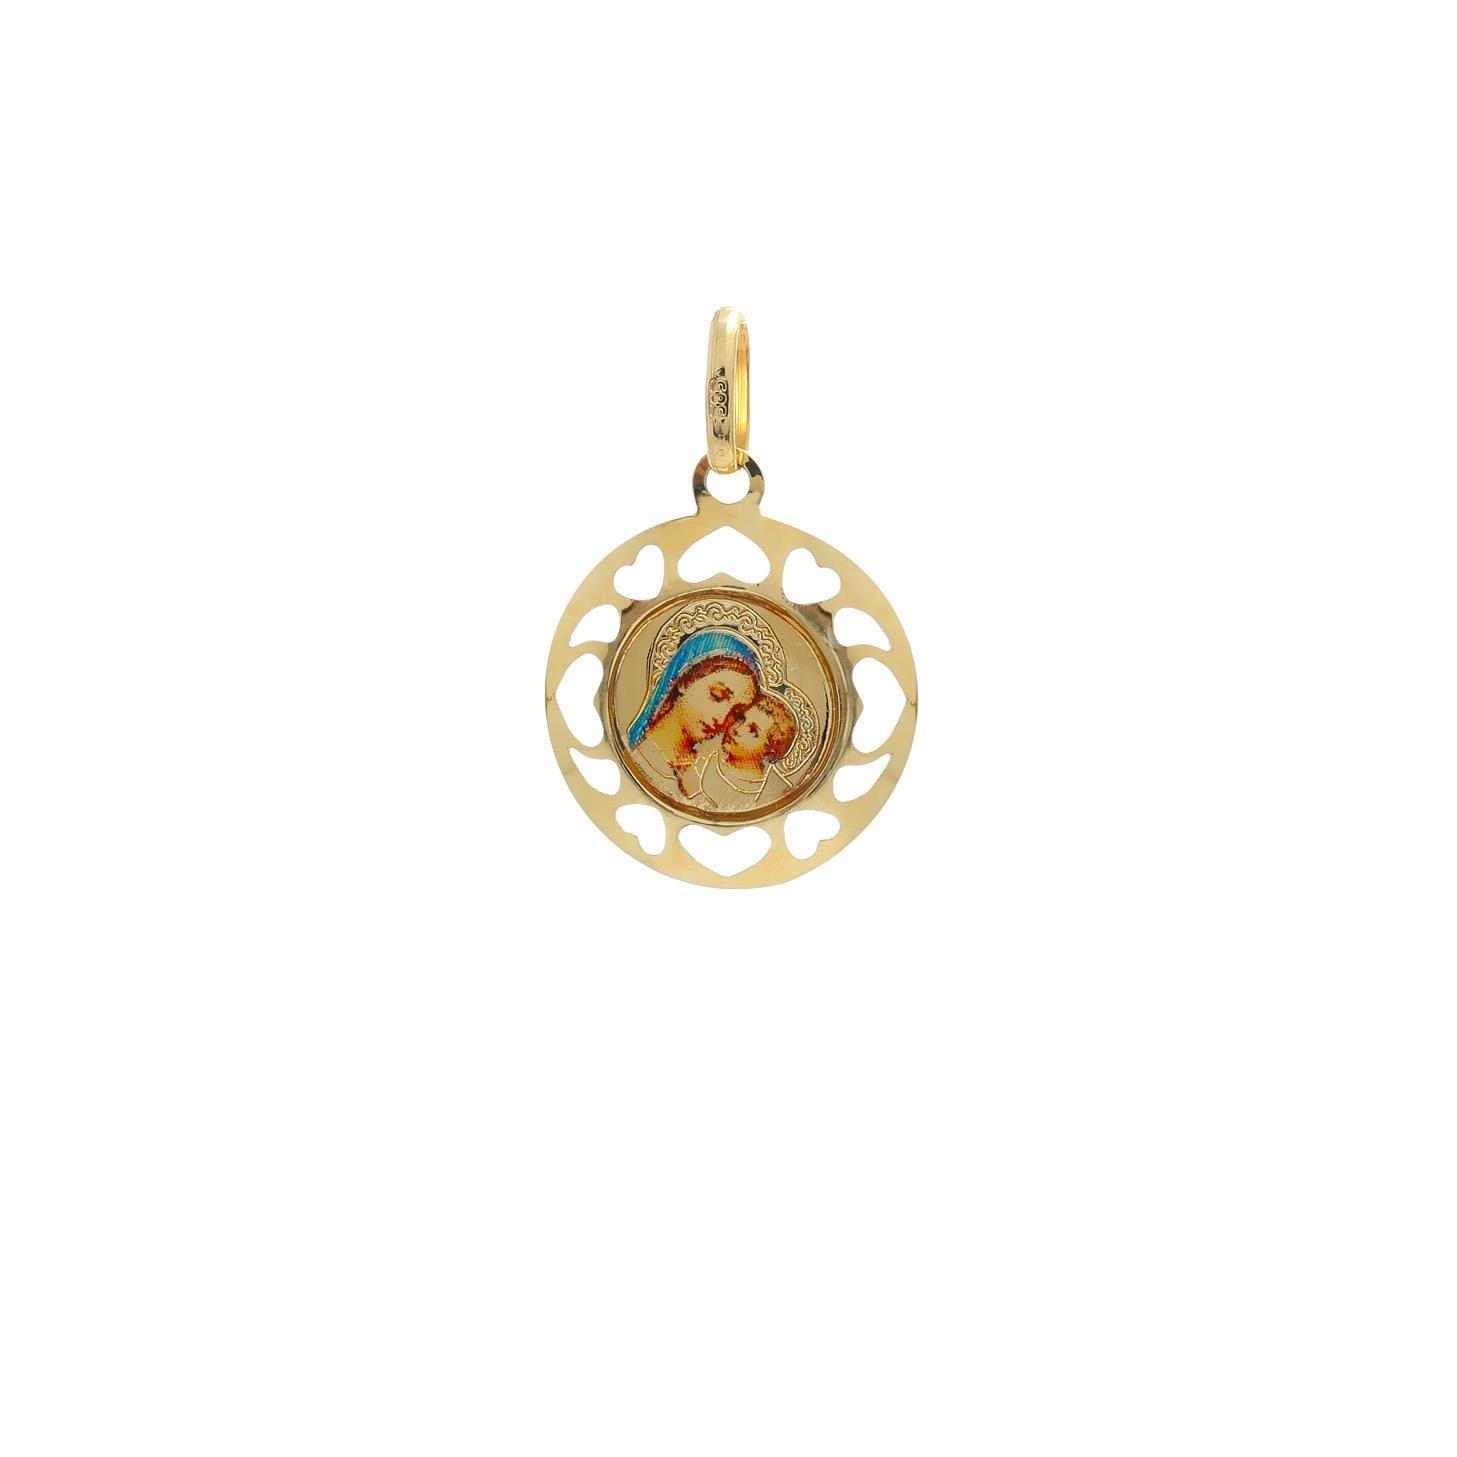 Zlatý okrúhly medailón Božej Matky s dieťaťom  10VS00461